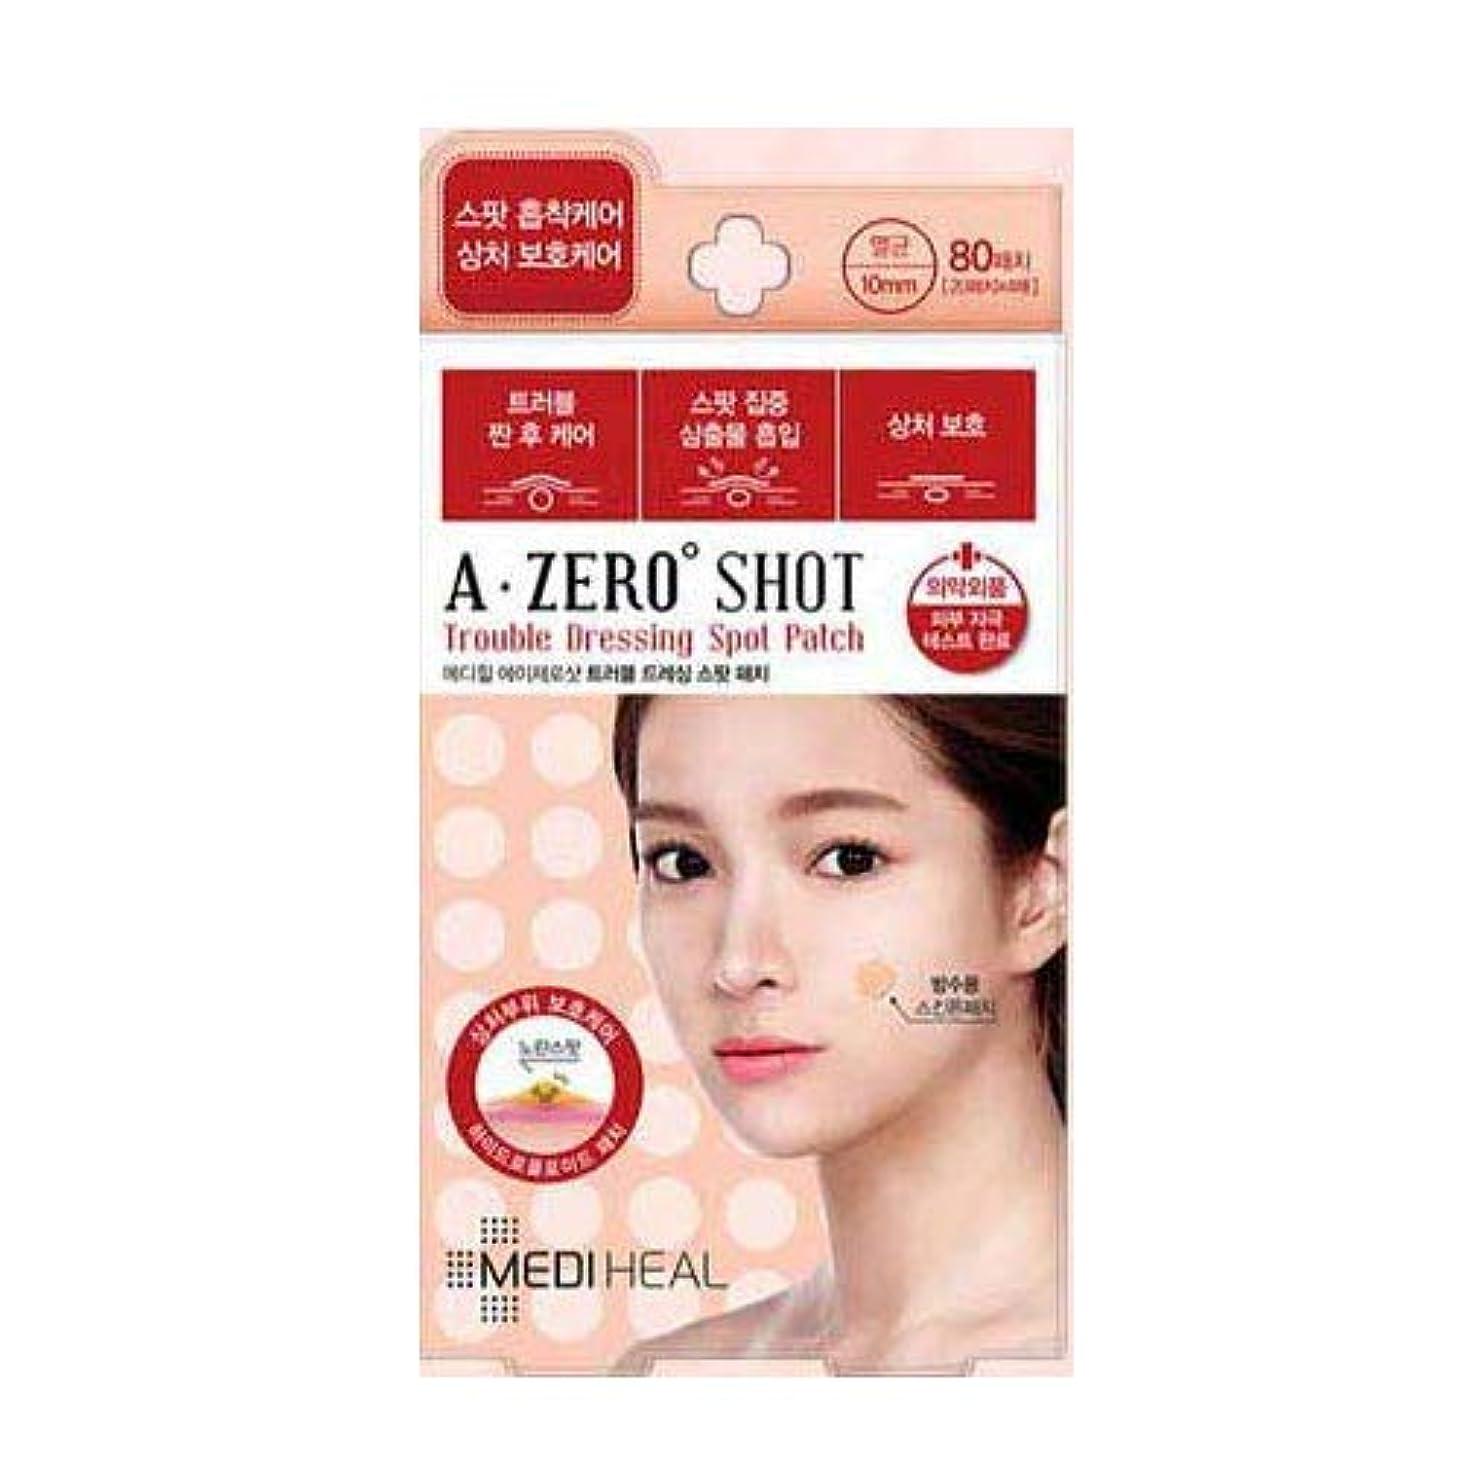 ほこり潤滑するベッドMEDIHEAL A-zero Shot Trouble Dressing Spot Patch Clear Spot Patch トラブル軽減